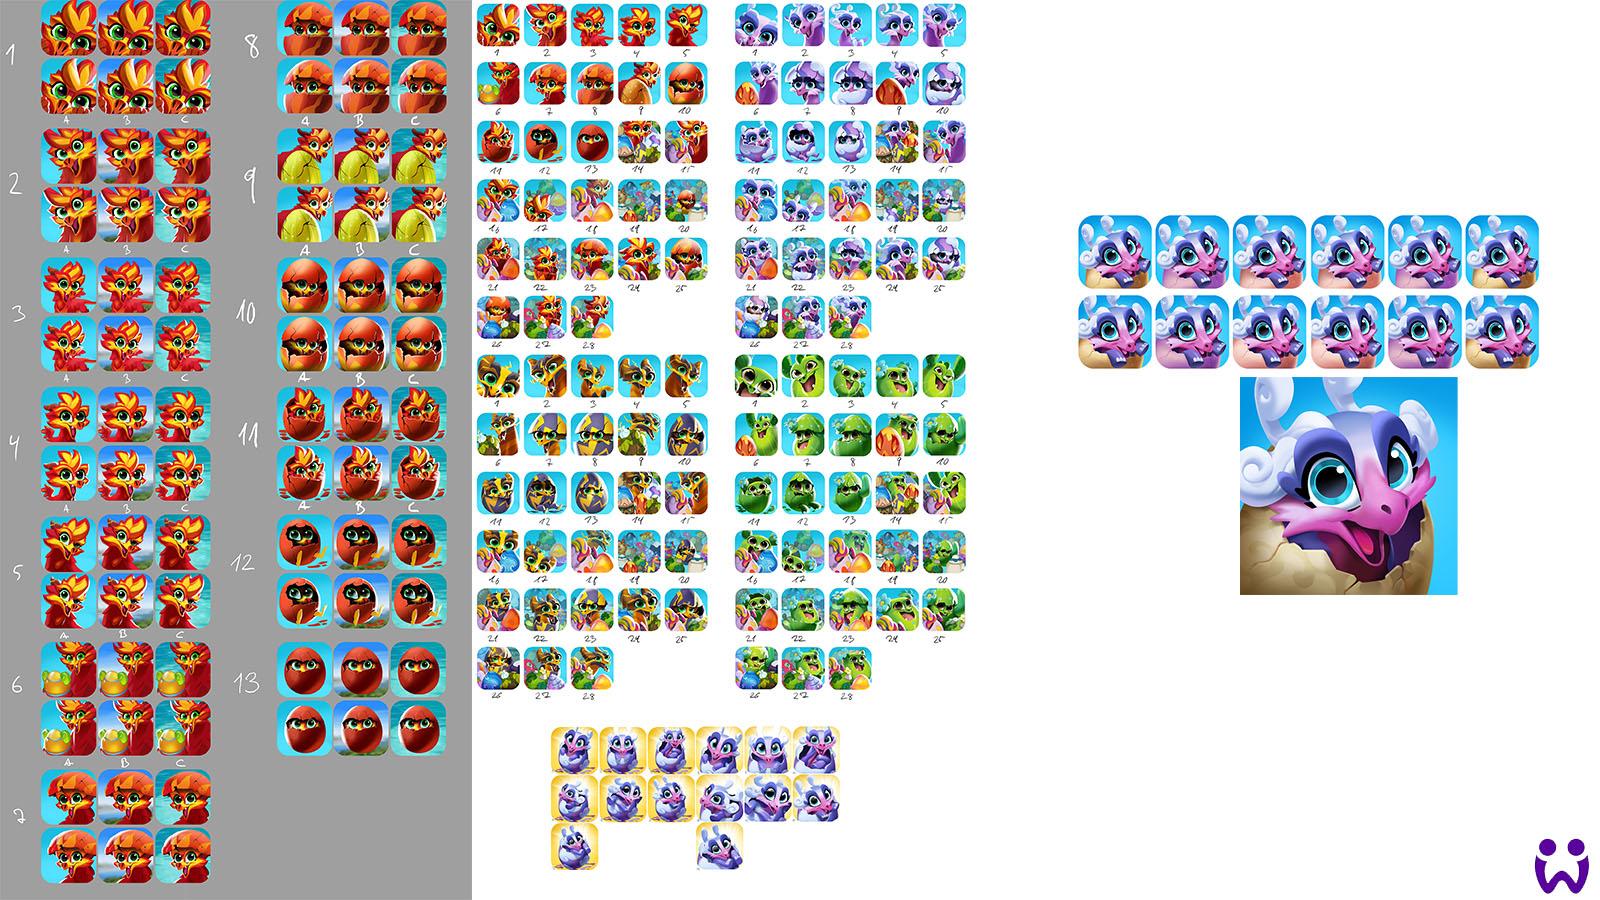 """19 von 25, viele verschiedene Experimente, Skizzen, und das finale App Icon. Für das Mobilegame """"Wonderlings"""" von Wooga"""